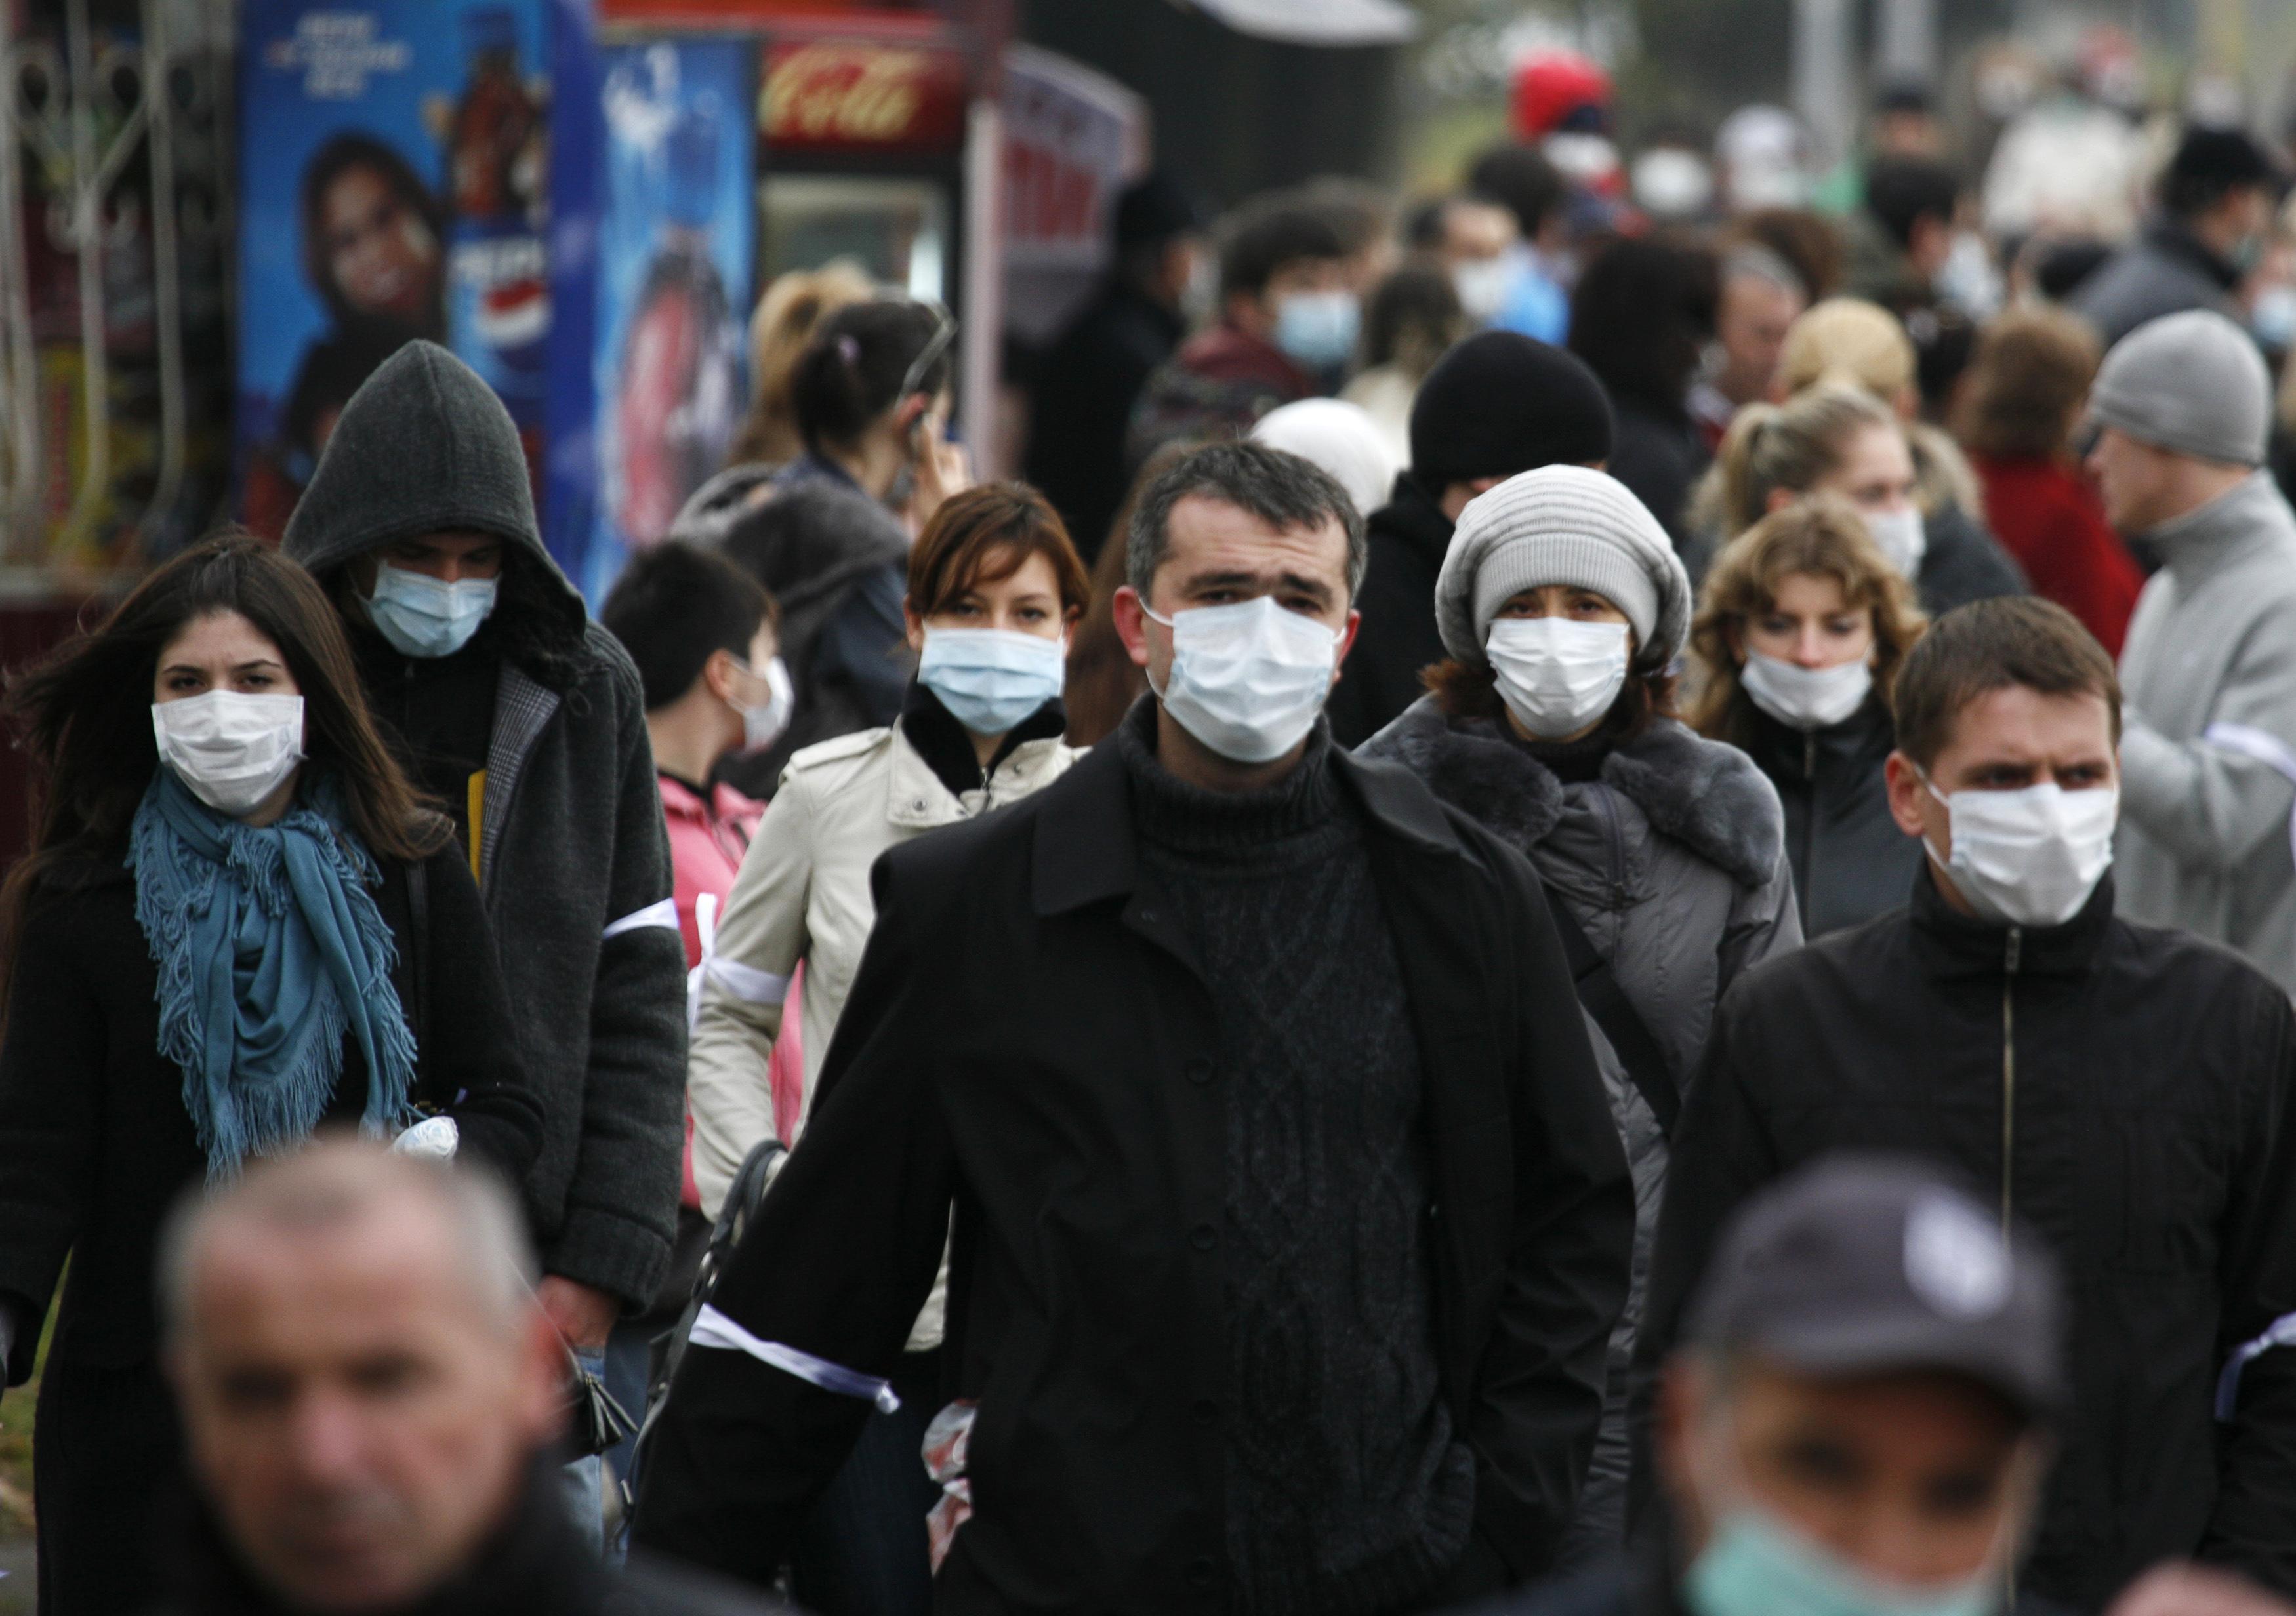 Ковид-маска станет символом бессмысленных ограничений - russkiy-malchik — КОНТ